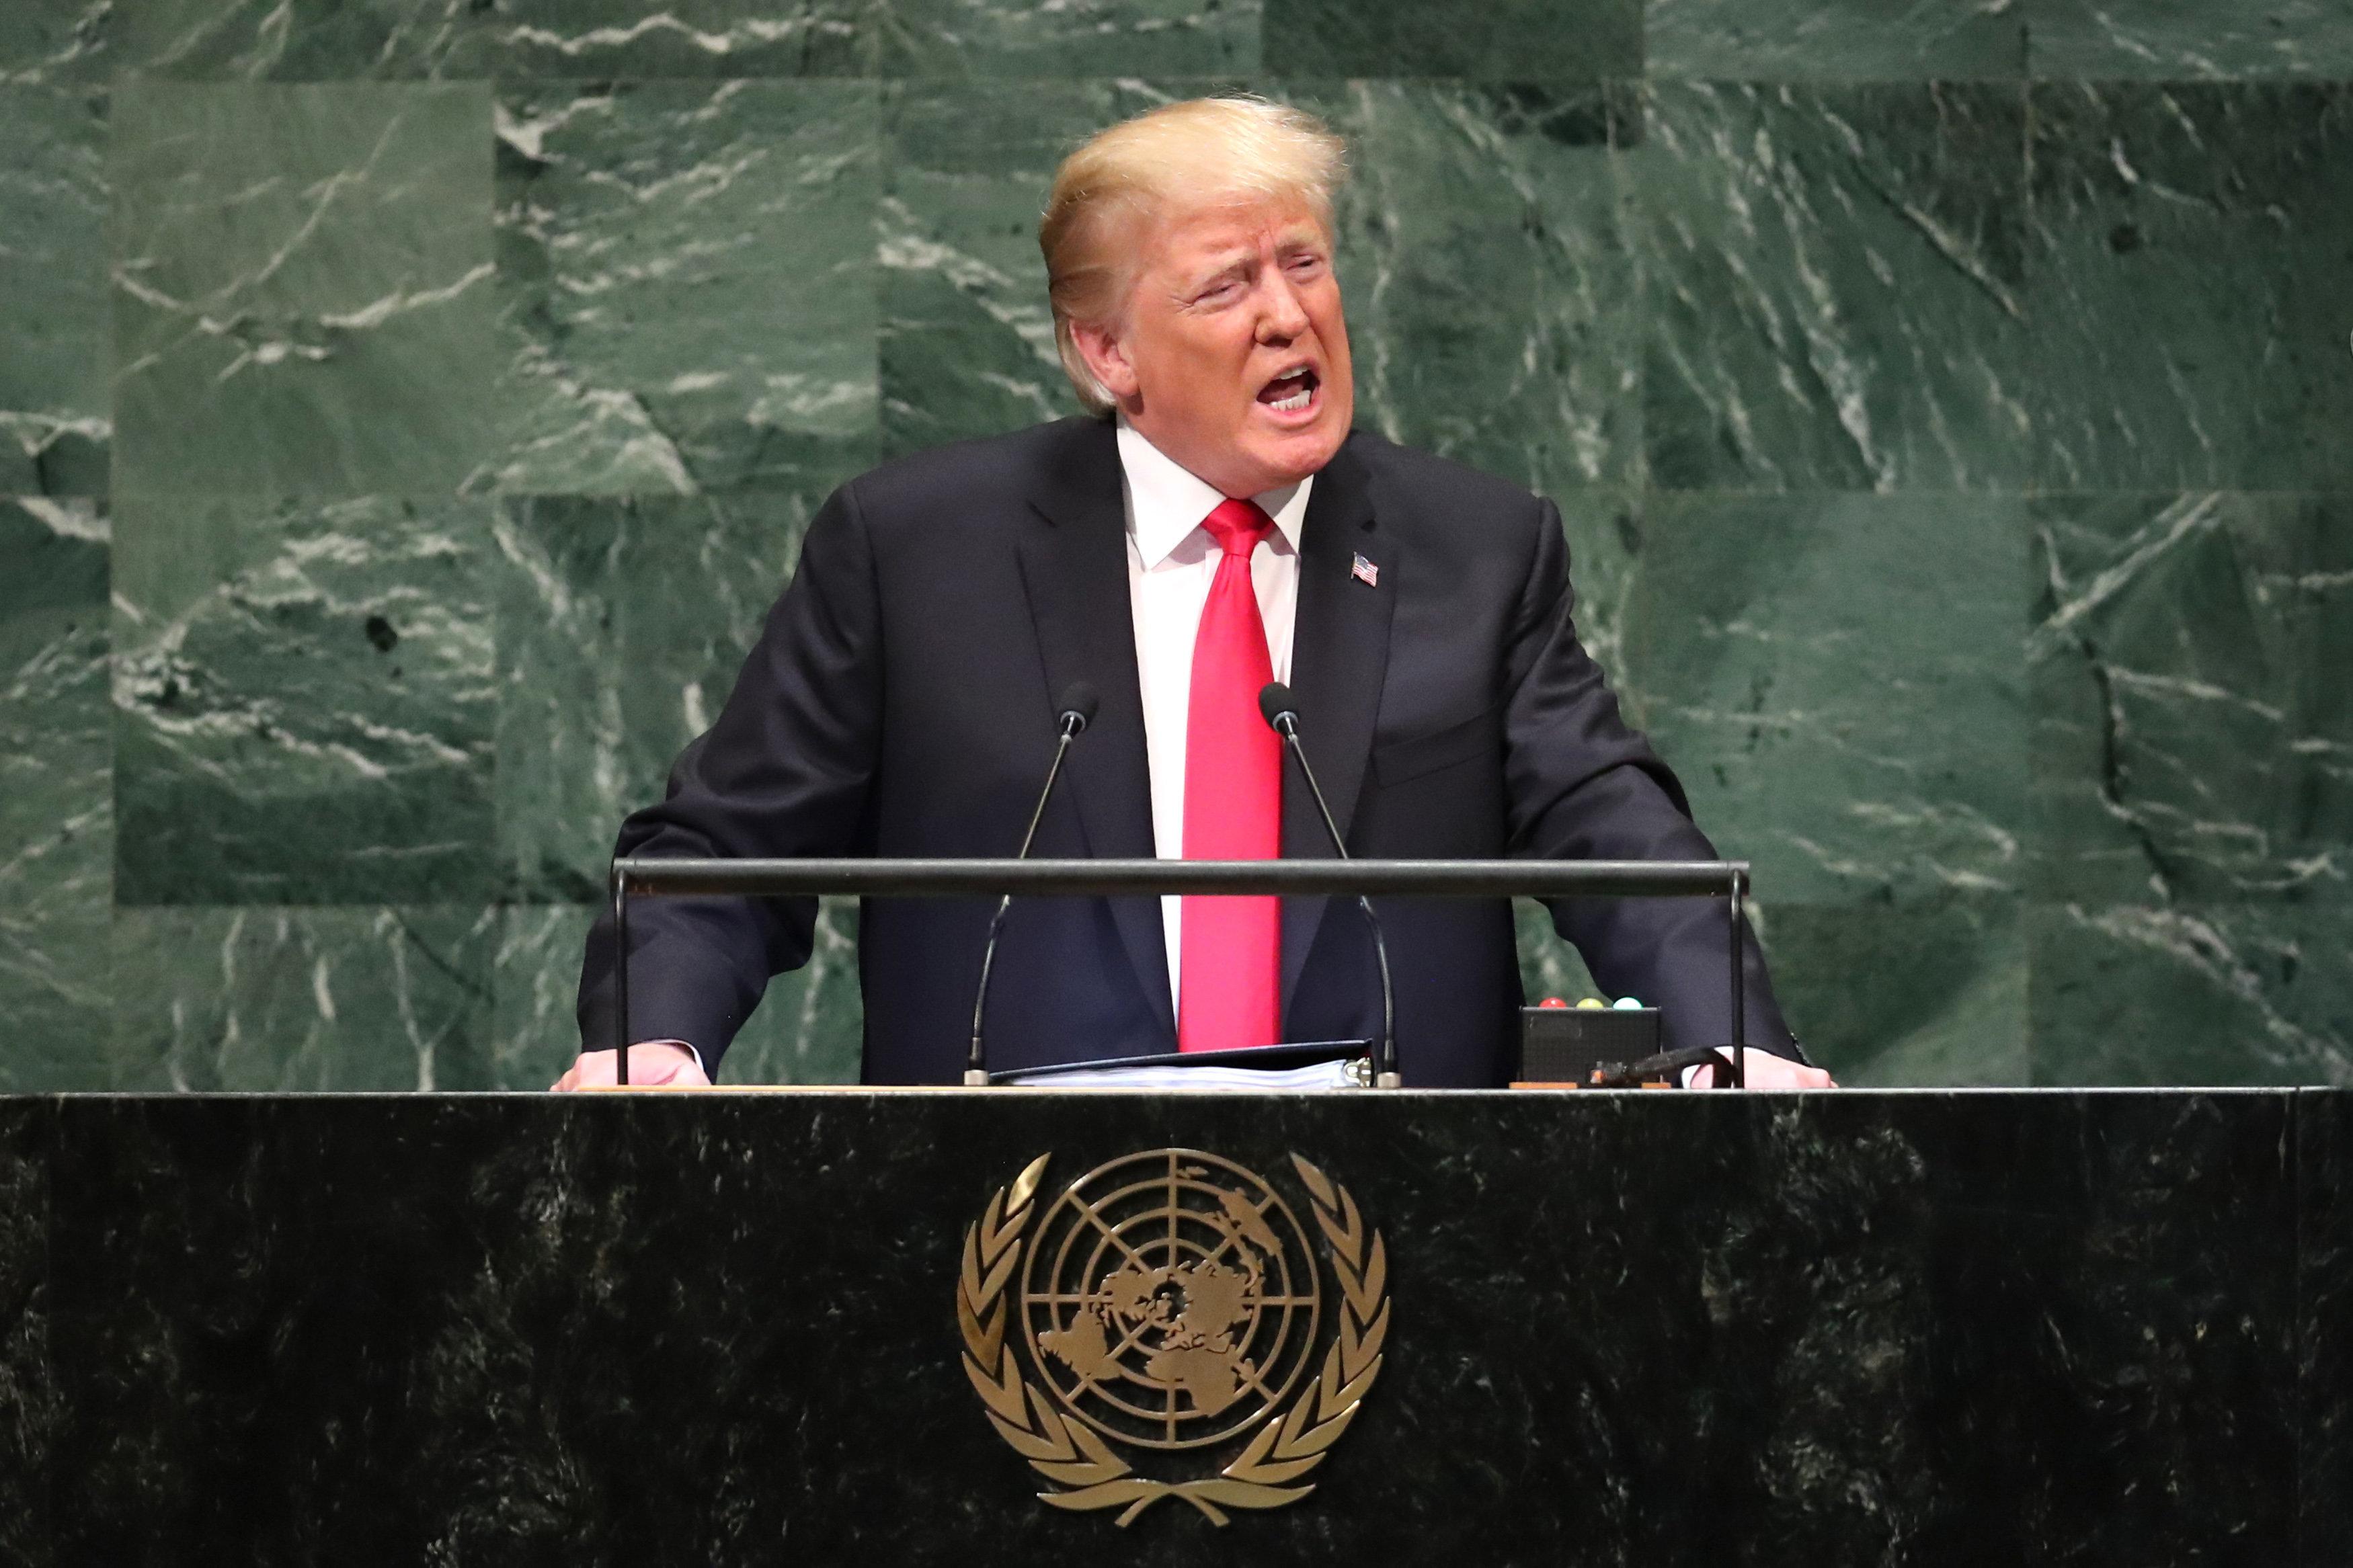 Trumps Weltenbrandrede: Warum die UN-Ansprache des US-Präsidenten ein Fanal